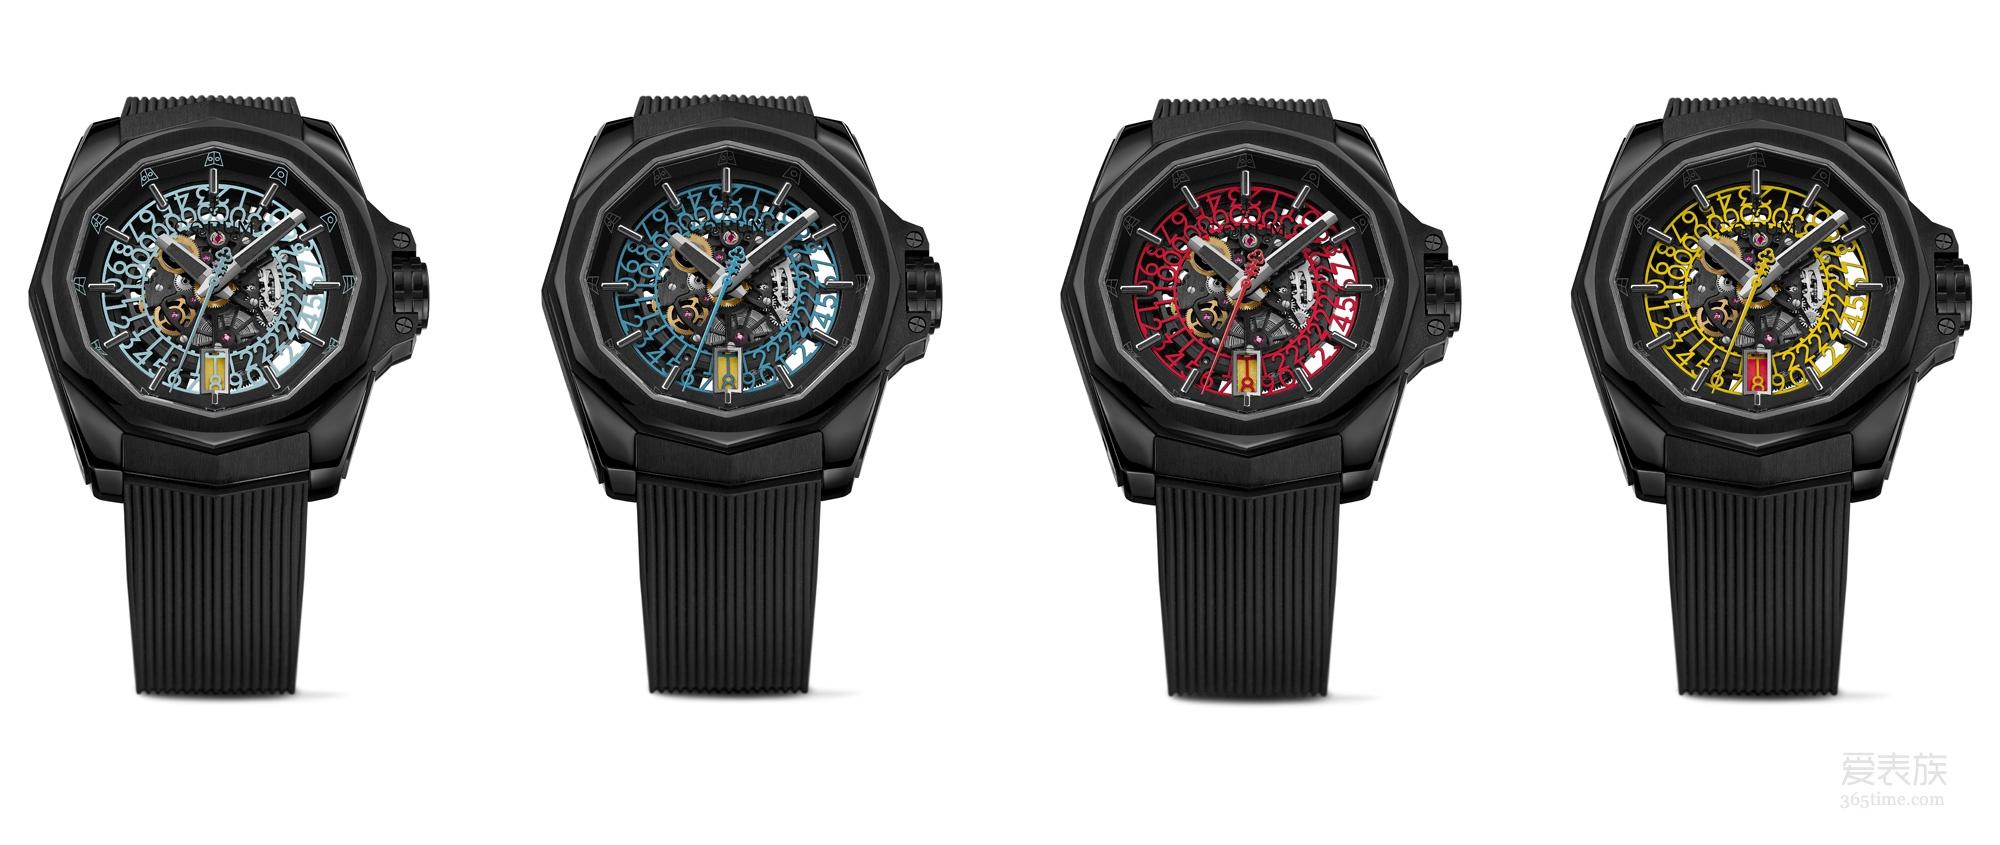 [2018巴塞尔钟表展】CORUM昆仑表巴塞尔钟表展推出全新海军上将系列镂空腕表